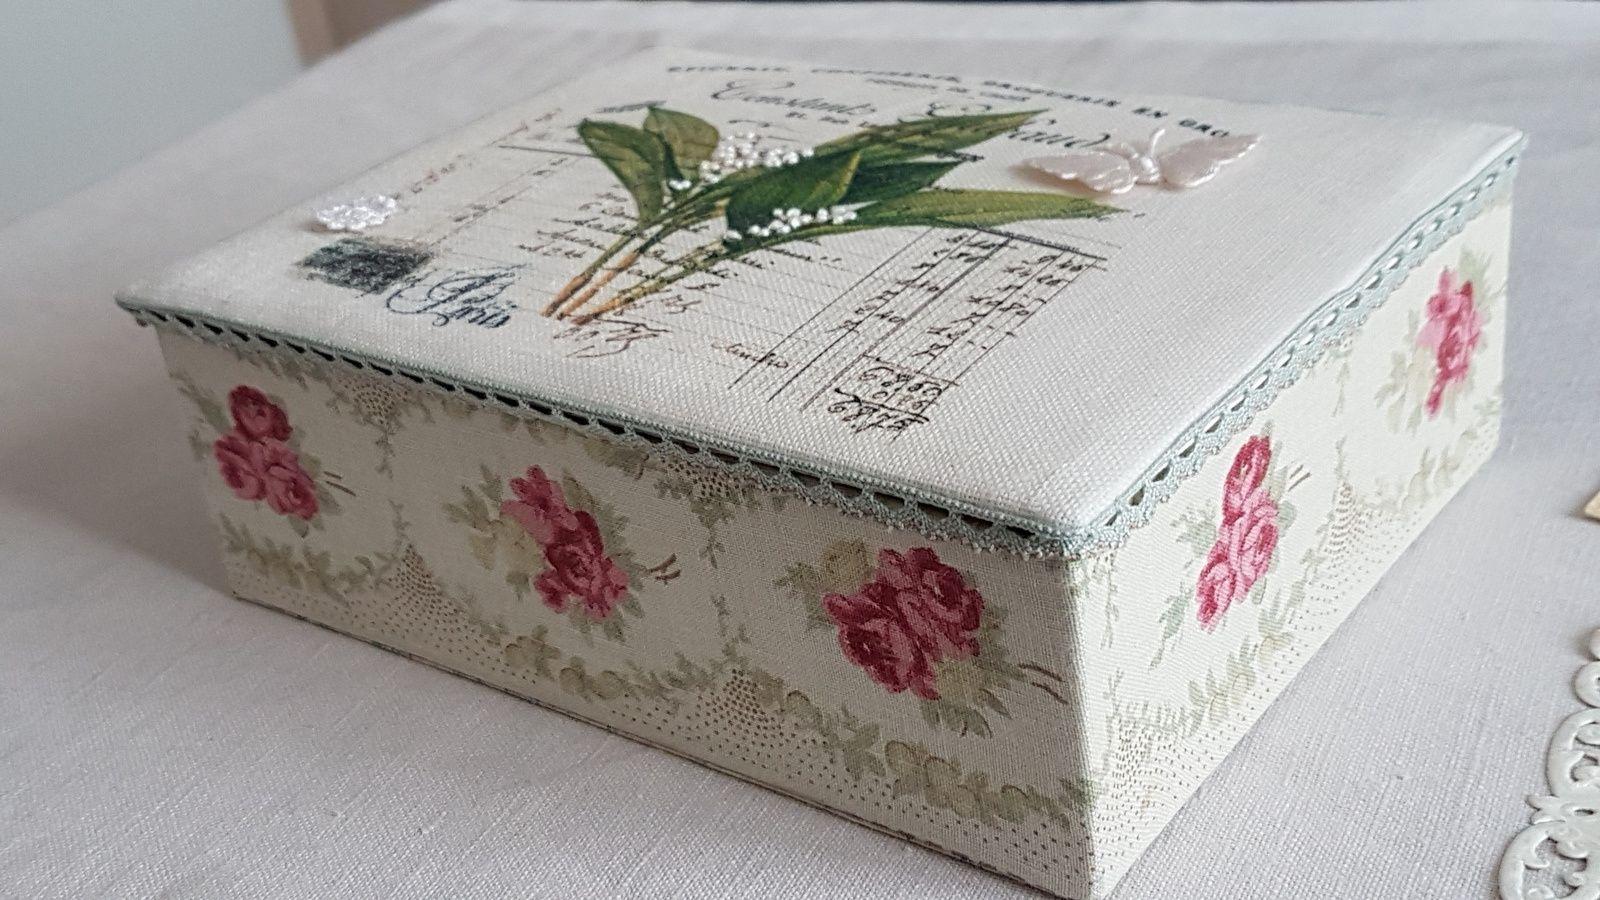 intérieur et extérieur du tissu  , couvercle du lin imprimé    en brodant les clochettes au point de noeud